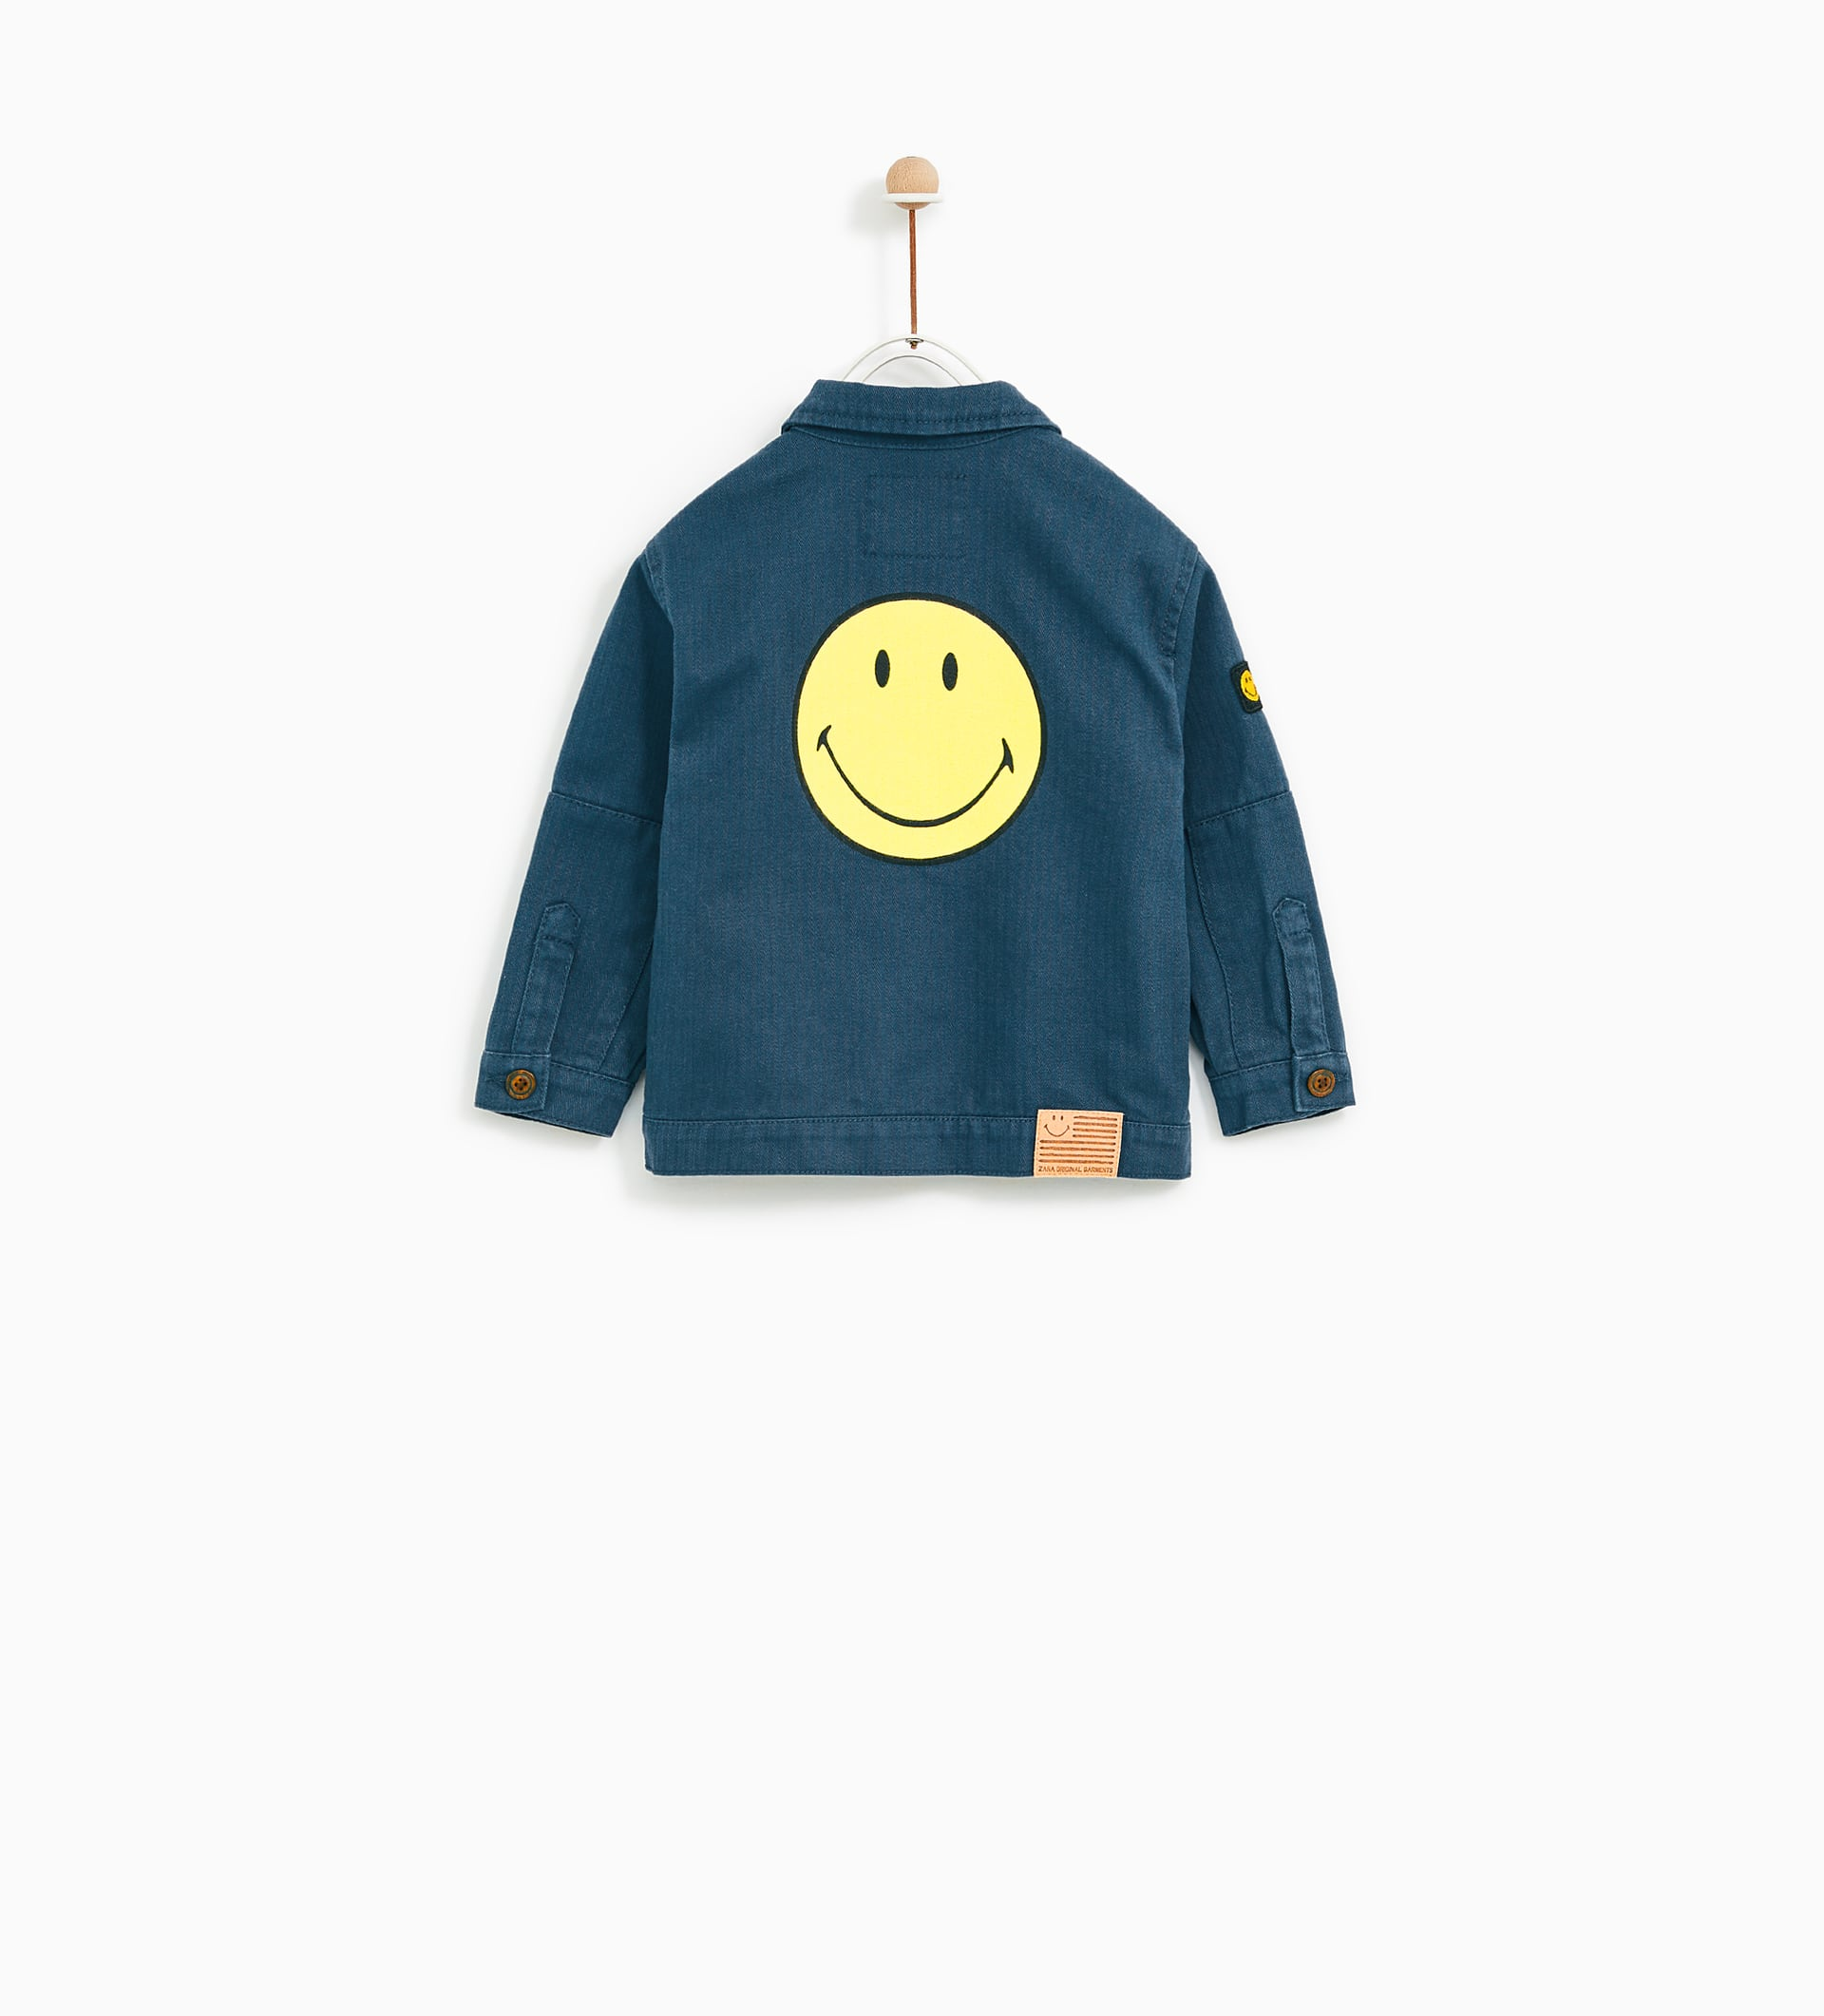 Target Childrens Christmas Shirts | Lauren Goss